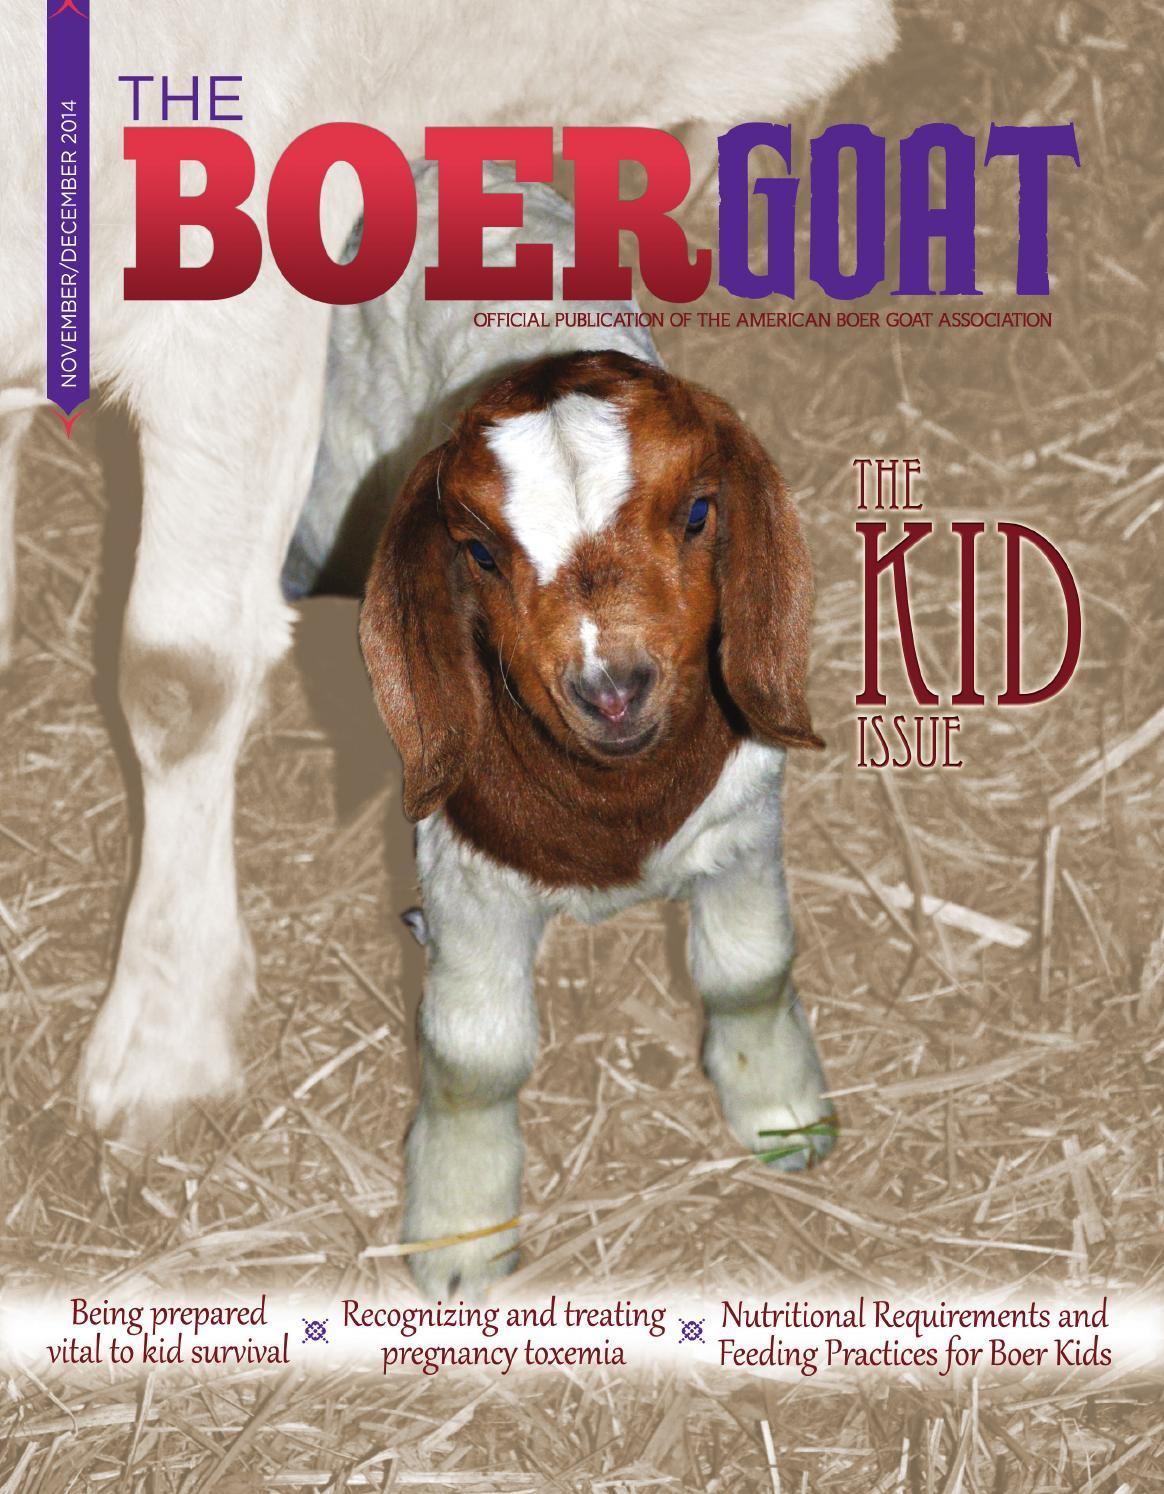 The Boer Goat - November/December 2014 by American Boer ... - photo#48